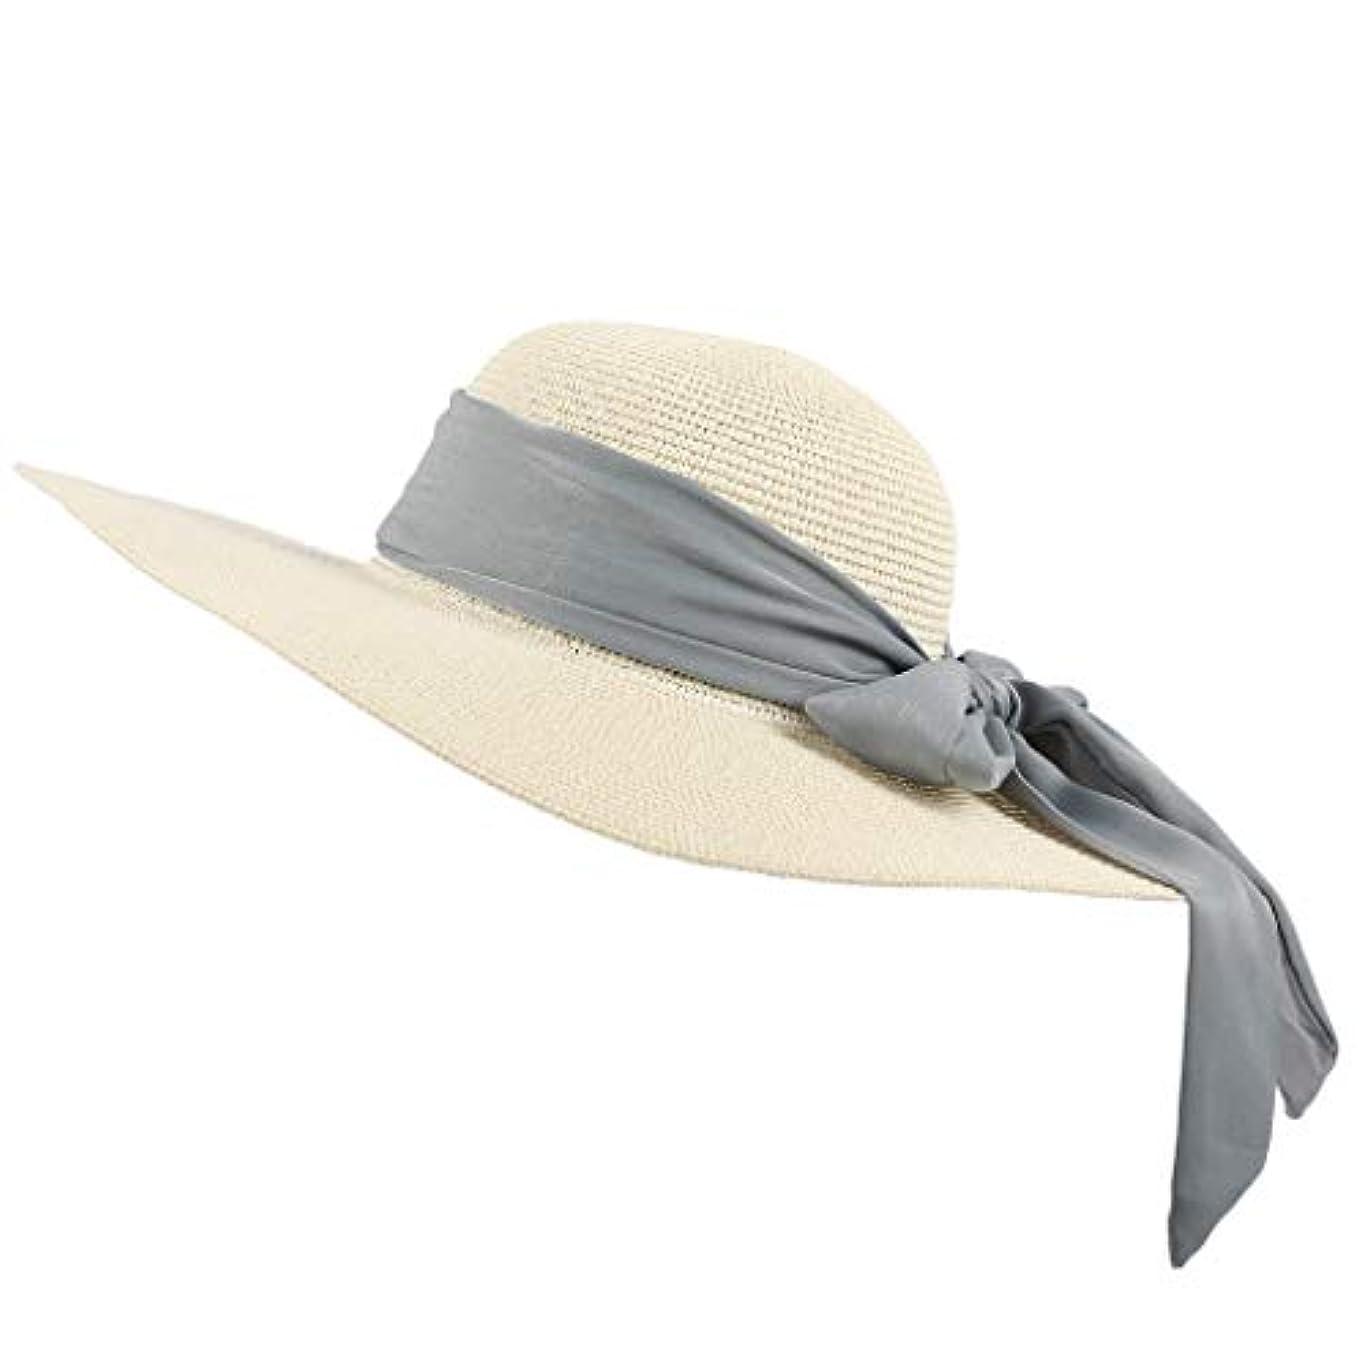 受付深遠作ります帽子 レディース ROSE ROMAN UVカット ハット 紫外線対策 可愛い 小顔効果抜群 日よけ つば広 おしゃれ 可愛い 夏季 海 旅行 無地 ビーチ 海辺 ワイルド パーティー ダンスパーティー パーティー シンプル 発送